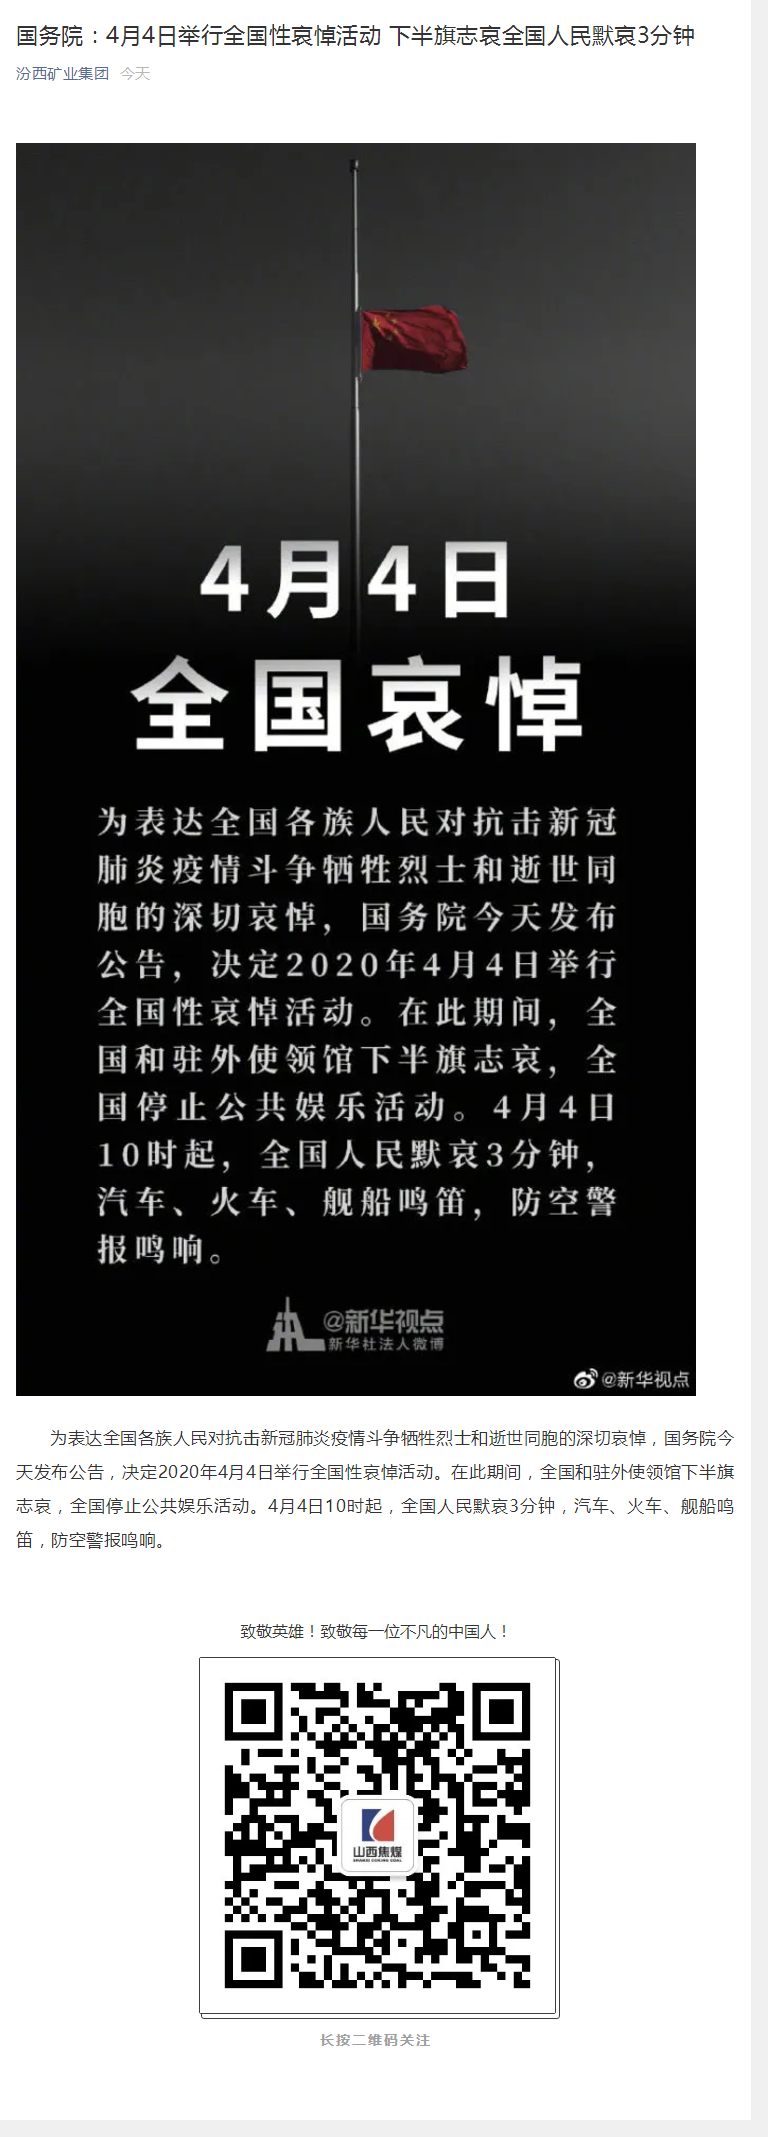 国务院:4月4日举行全国性哀悼活动 下半旗志哀全国人民默哀3分钟.png